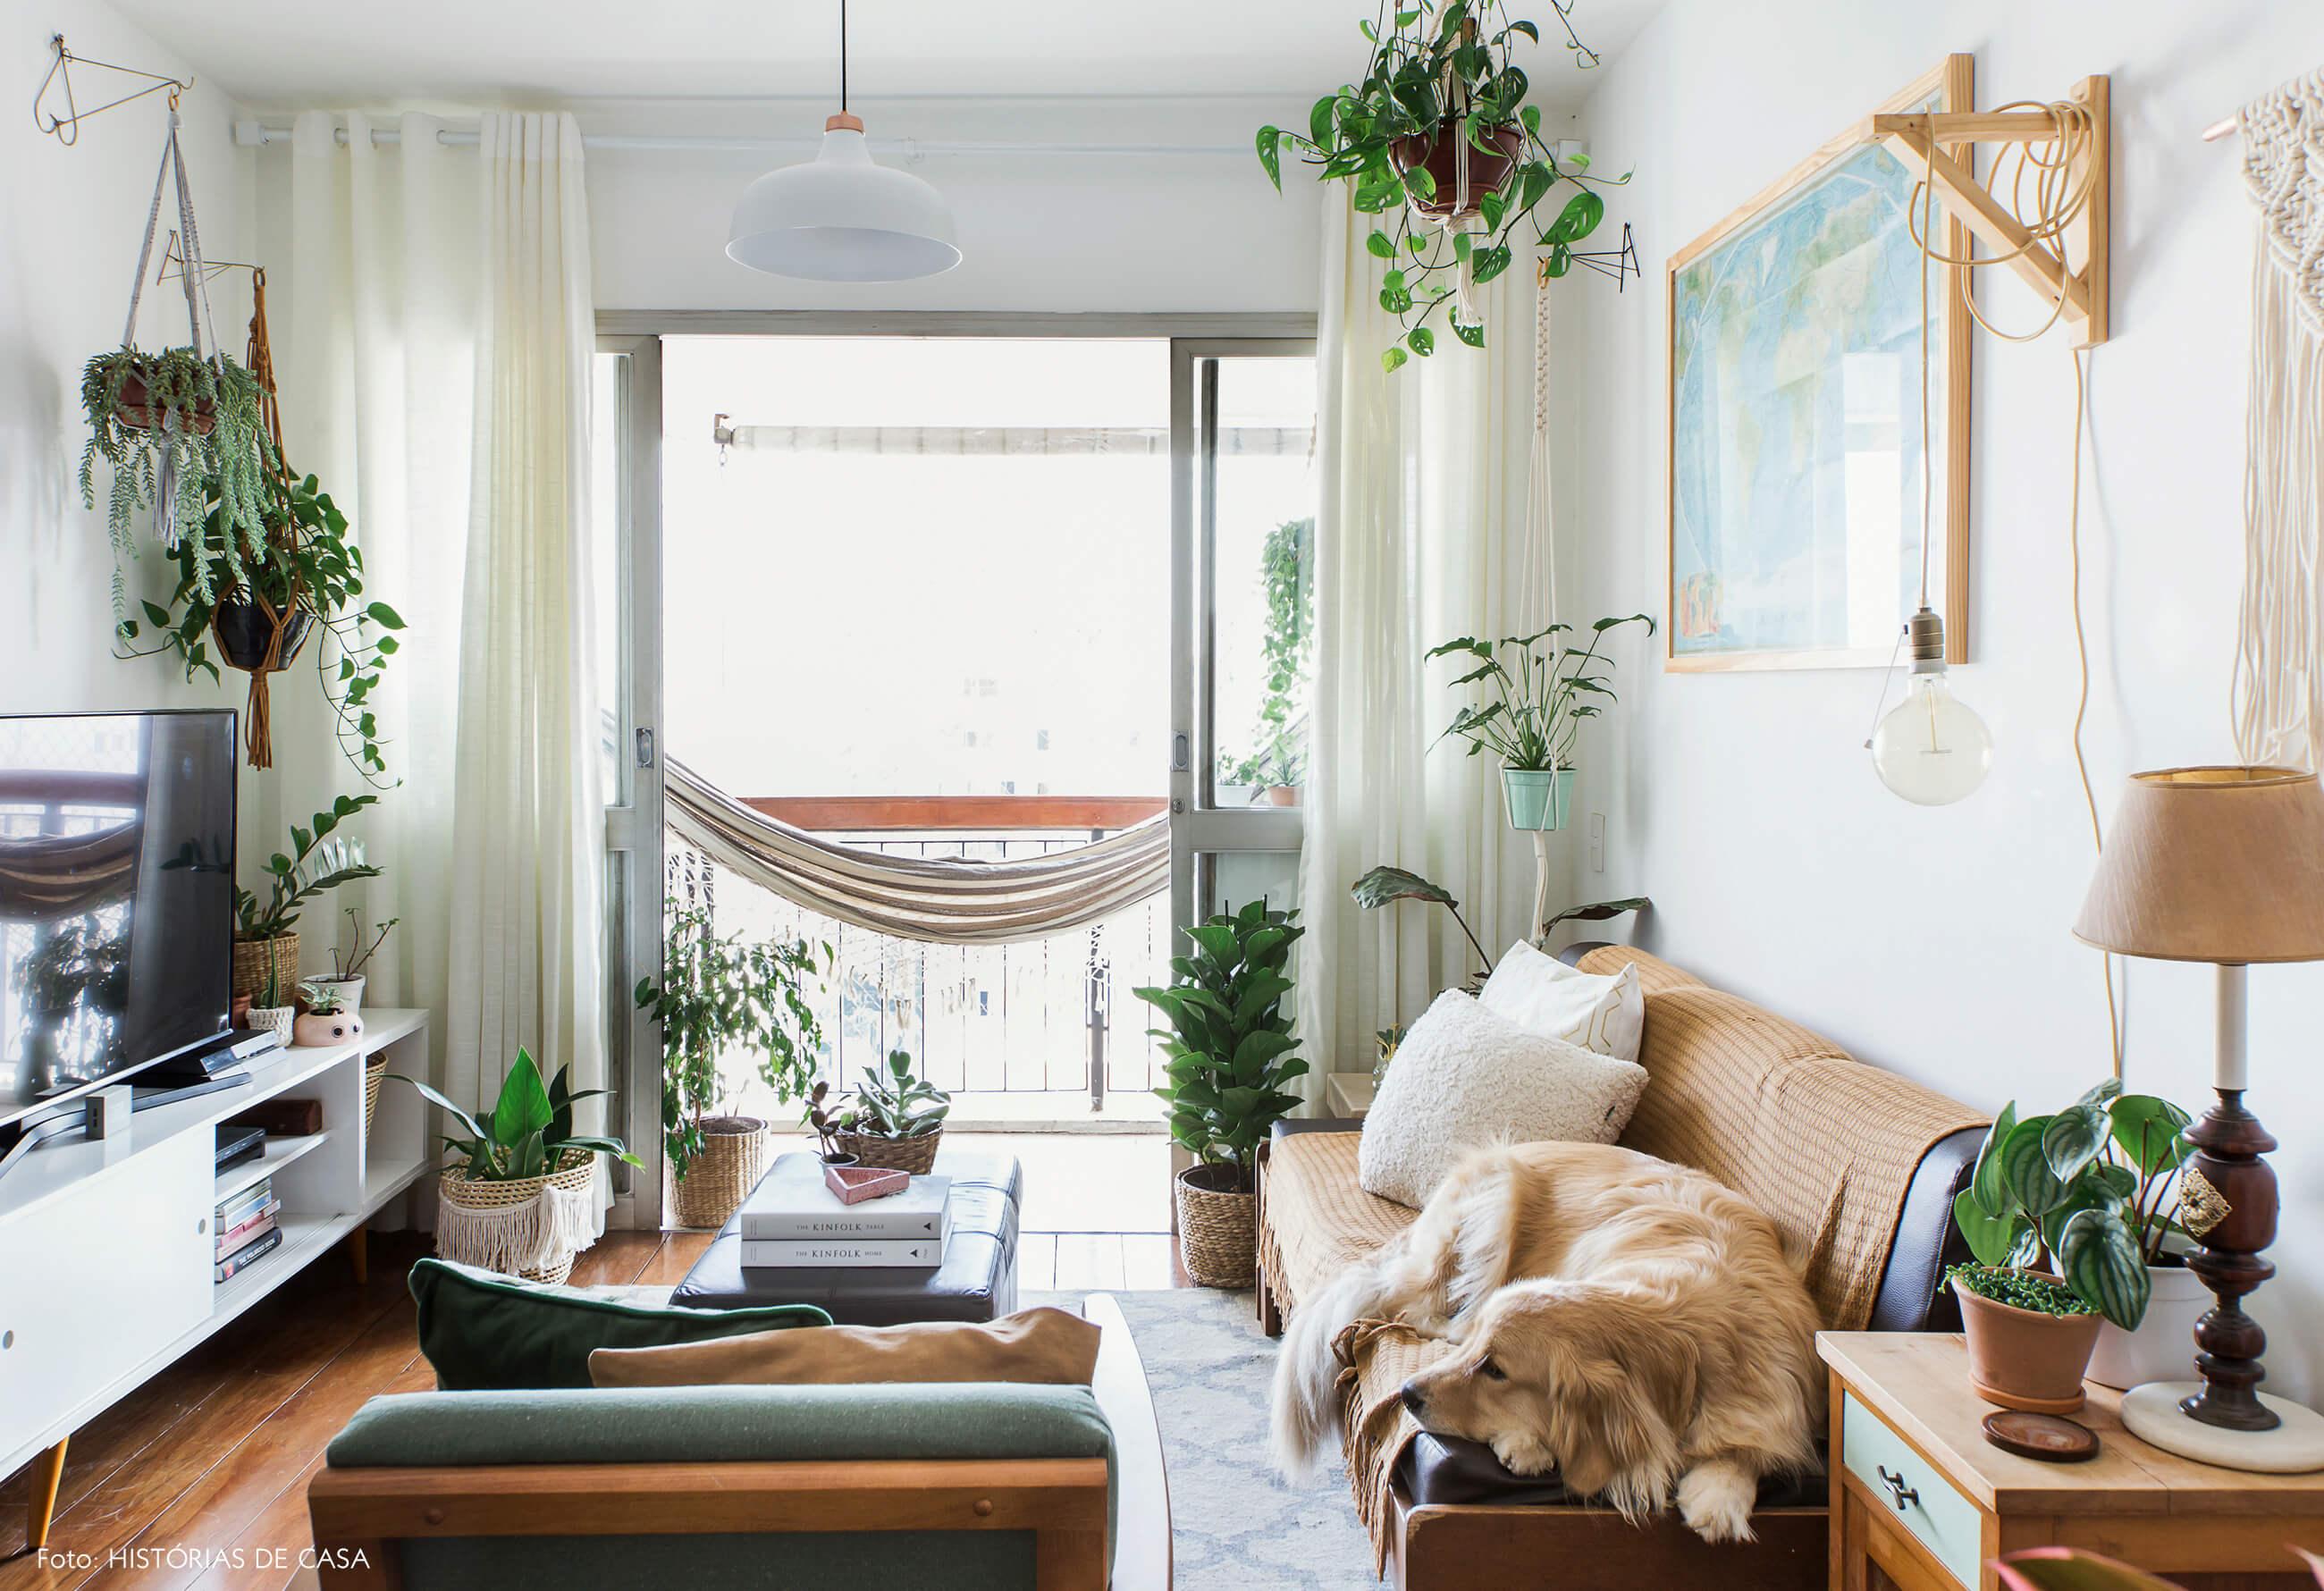 Apartamento pequeno com varanda e rede